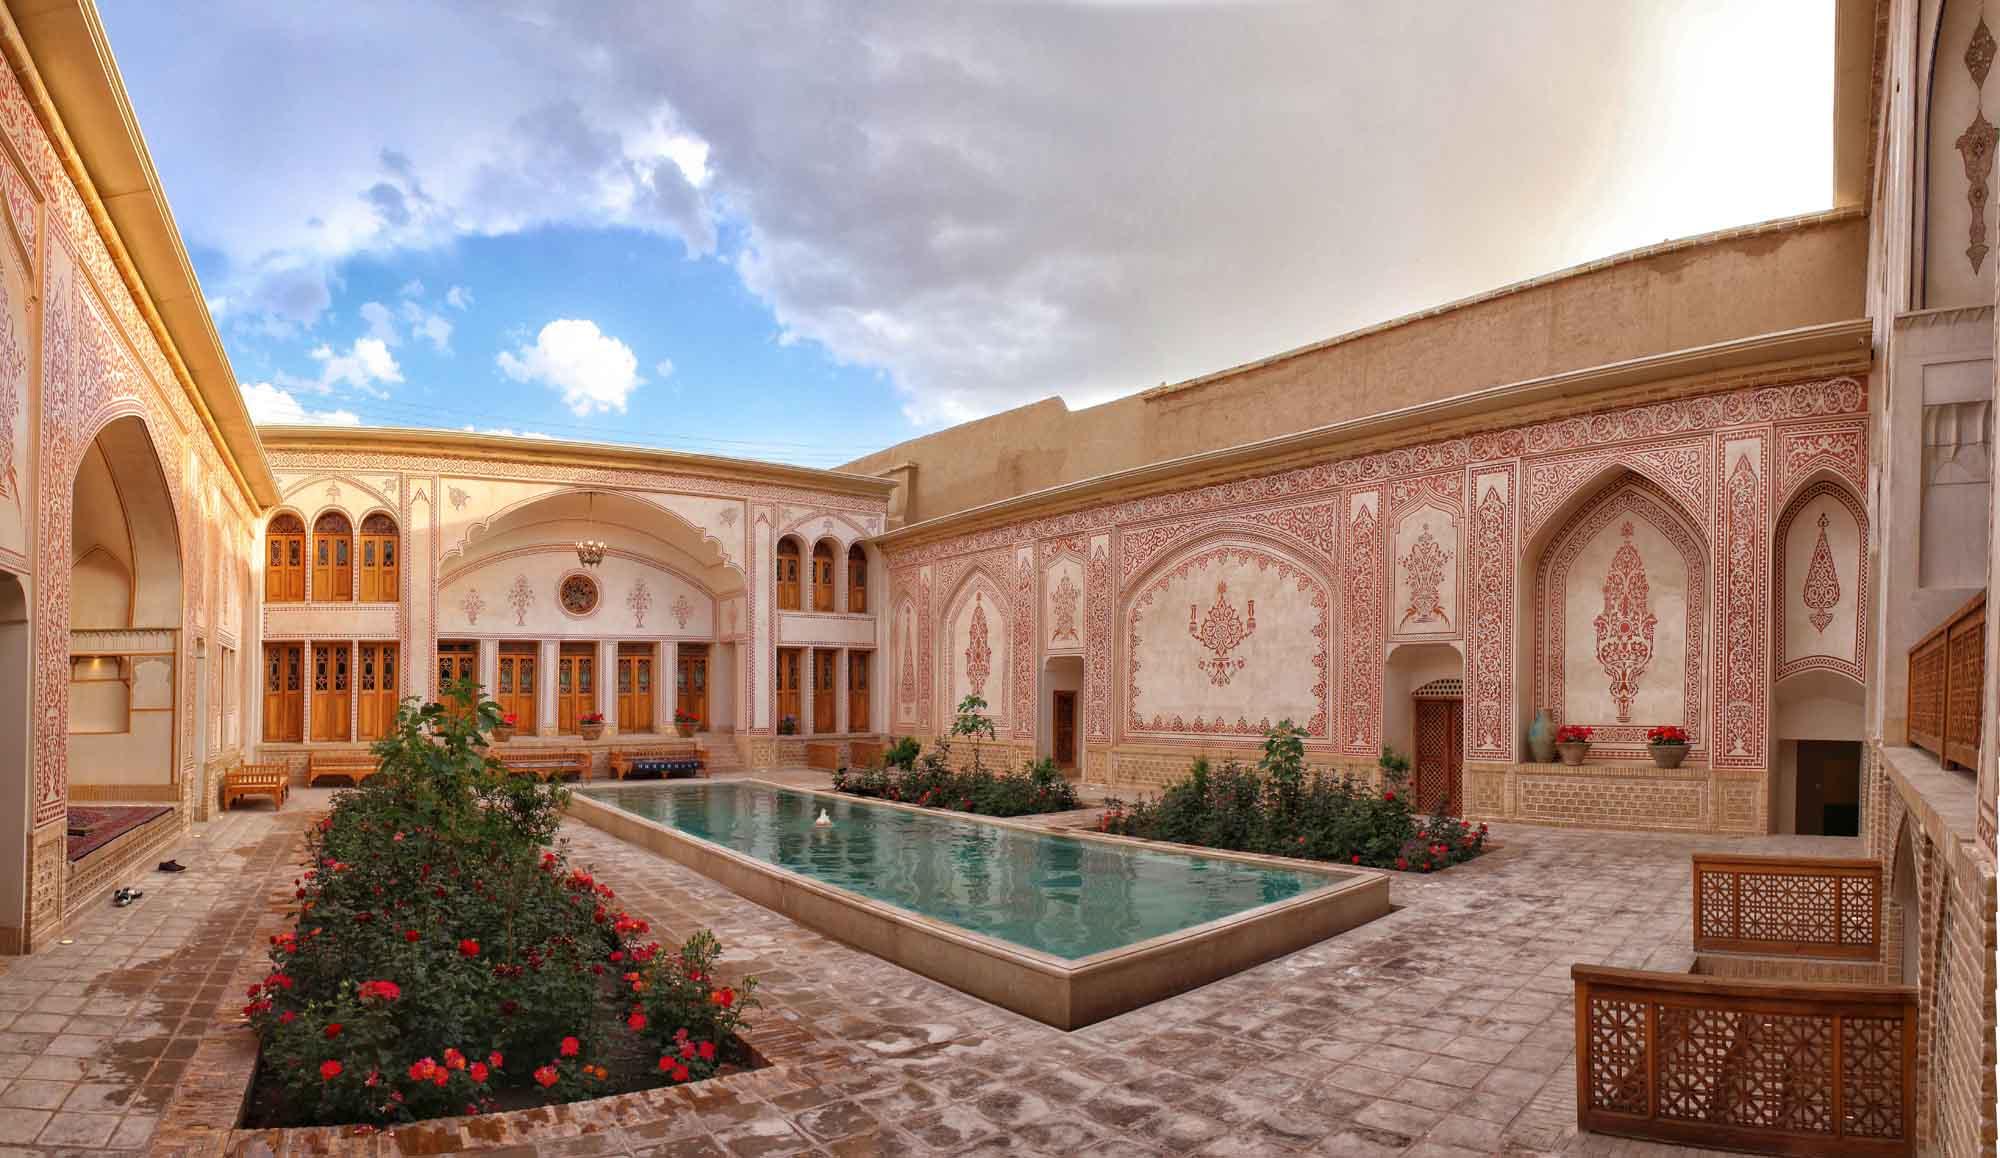 زیباترین بوتیکهتلهای ایران را بشناسید